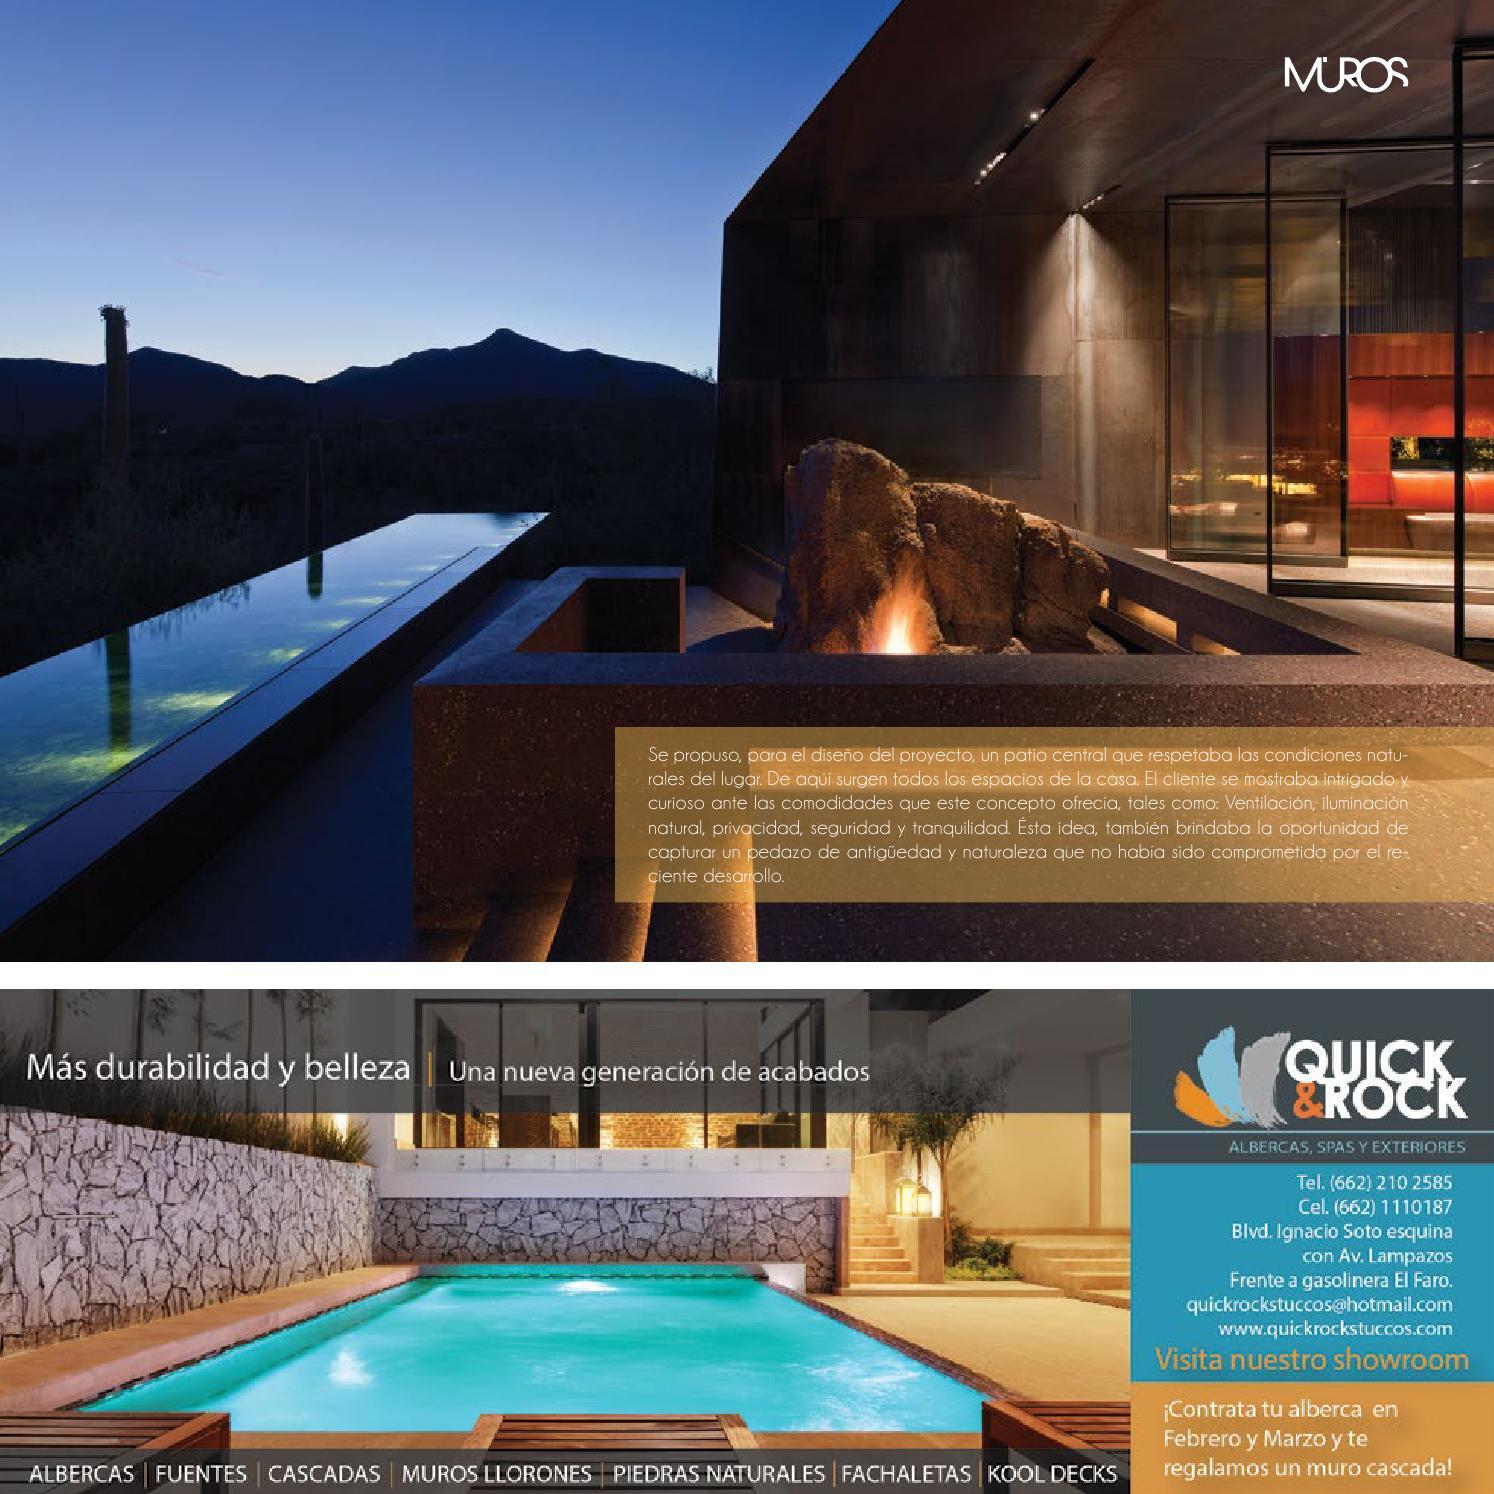 Edici n 16 revista muros arquitectura dise o for Revista habitat arquitectura diseno interiorismo